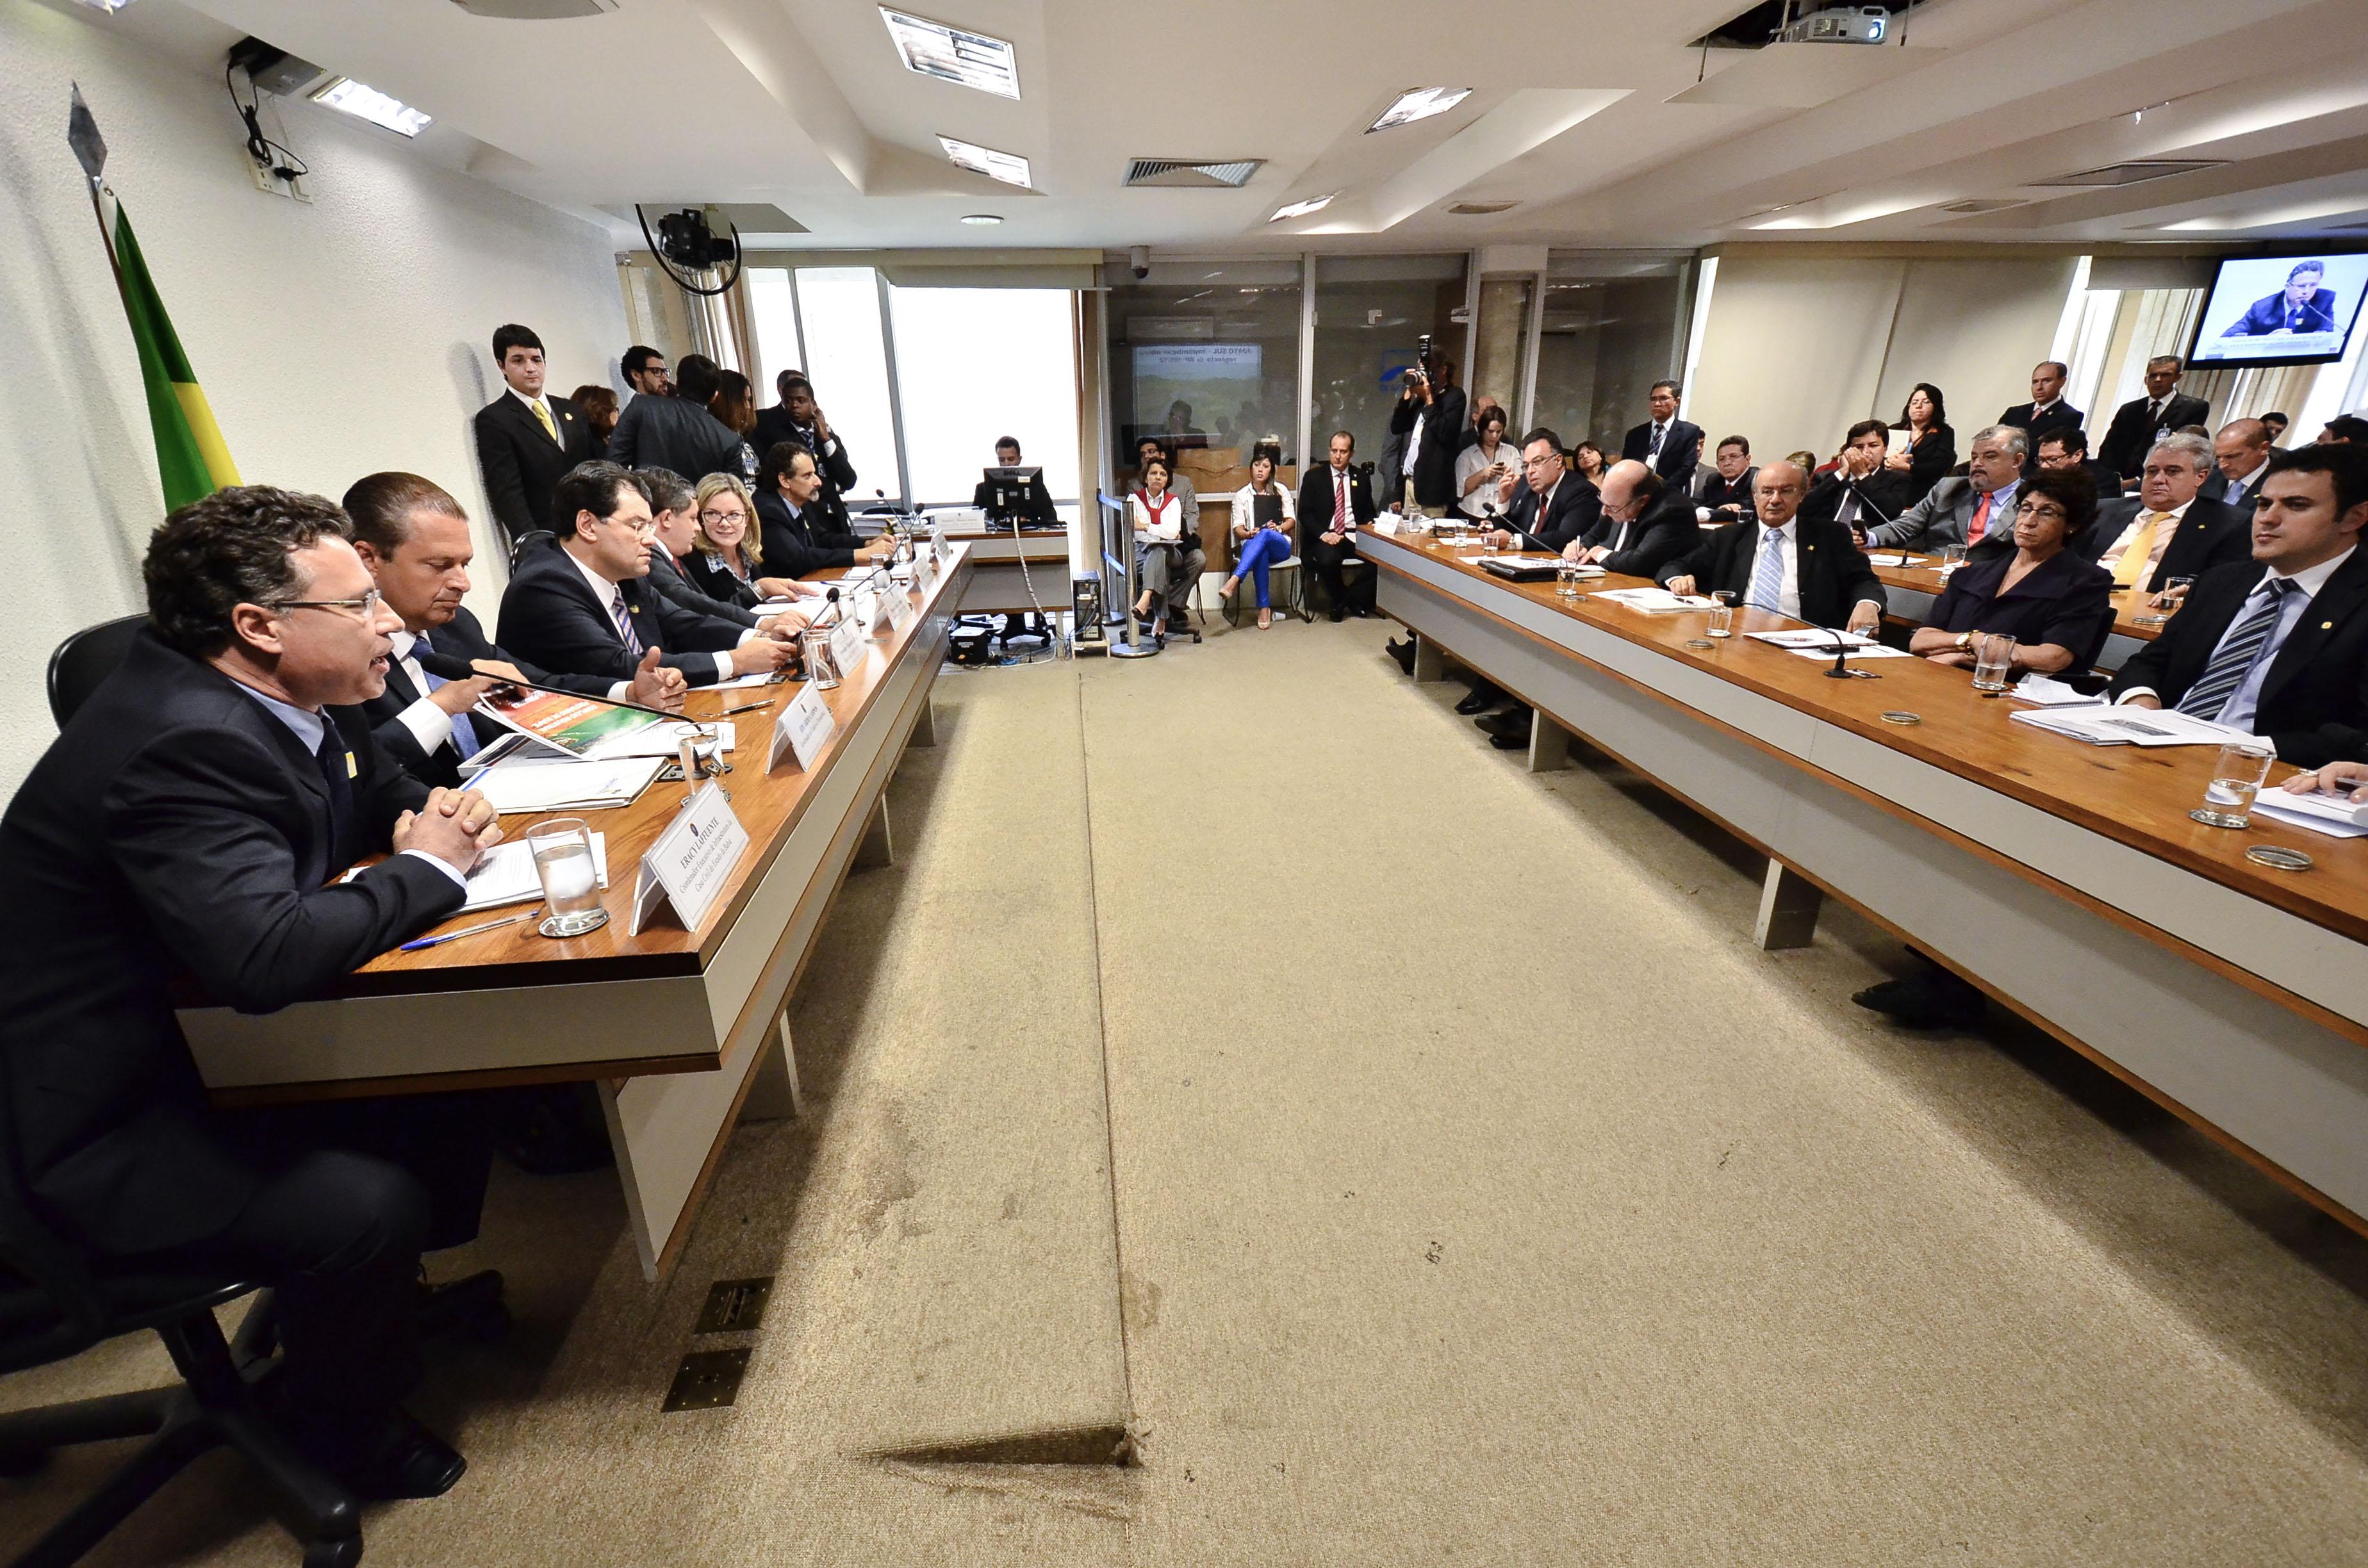 Debates das comissões poderão ser transmitidos pelo ILB/Interlegis